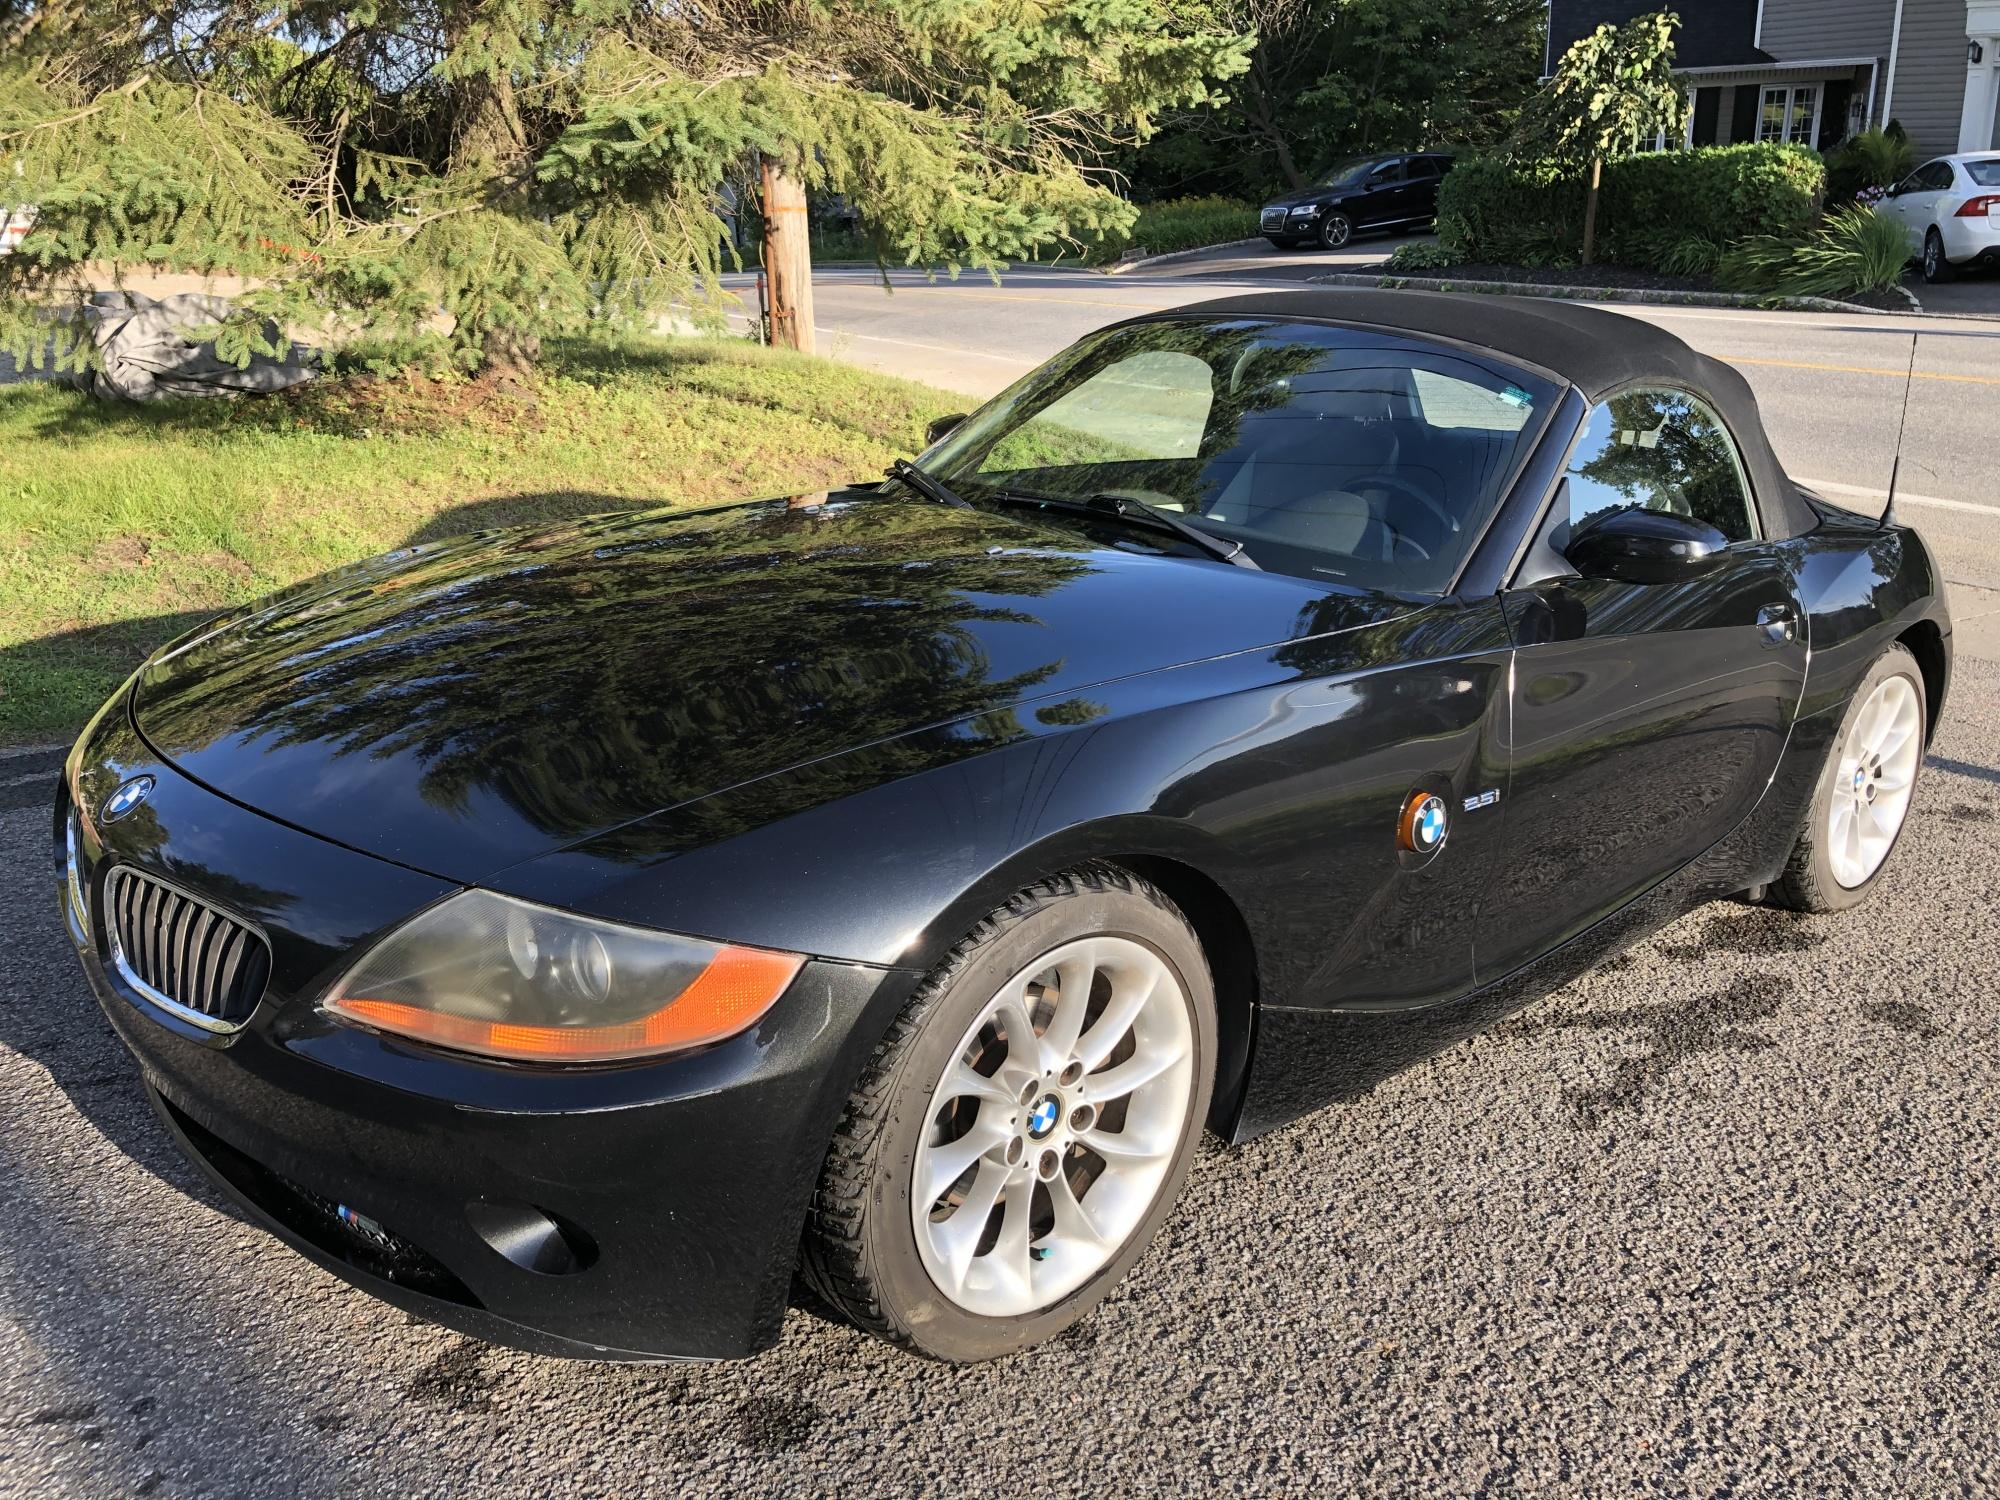 BMW Z4 - Photo 19-09-09 17 43 36